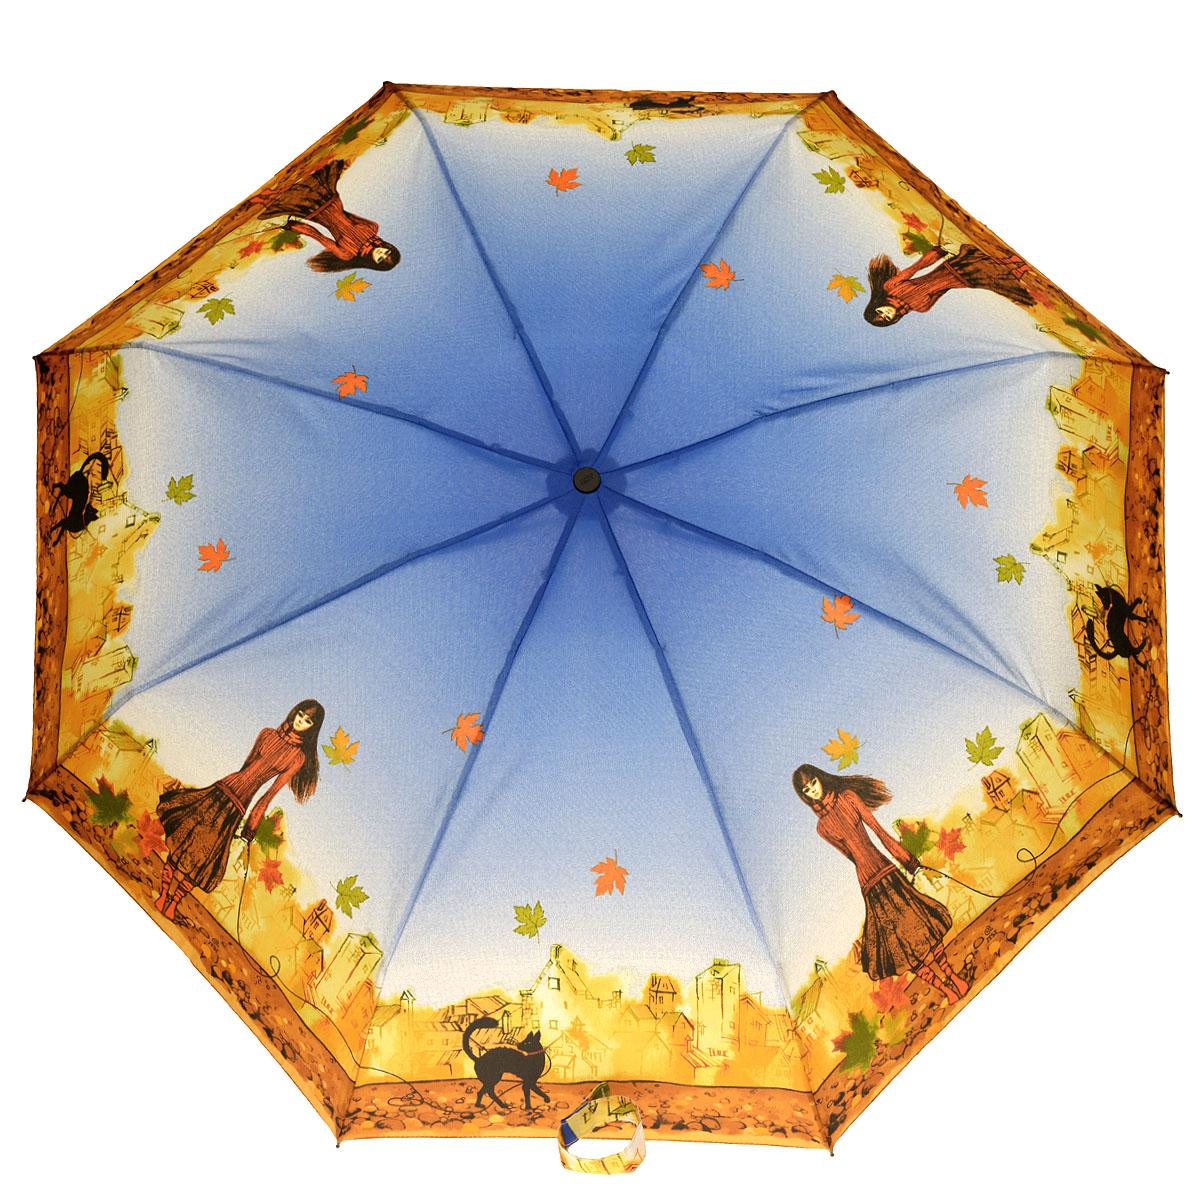 Зонт женский Zest, автомат, 4 сложения, цвет: синий, оранжево-красный. 24756-802724756-8027Очаровательный автоматический зонт Zest в 4 сложения изготовлен из высокопрочных материалов. Каркас зонта состоит из 8 спиц и прочного алюминиевого стержня. Специальная система Windproof защищает его от поломок во время сильных порывов ветра. Купол зонта выполнен из прочного полиэстера с водоотталкивающей пропиткой и оформлен изображением девушки с черной кошкой на поводке на фоне осеннего города. Используемые высококачественные красители обеспечивают длительное сохранение свойств ткани купола. Рукоятка, разработанная с учетом требований эргономики, выполнена из пластика. Зонт имеет полный автоматический механизм сложения: купол открывается и закрывается нажатием кнопки на рукоятке, стержень складывается вручную до характерного щелчка. Благодаря этому открыть и закрыть зонт можно одной рукой, что чрезвычайно удобно при входе в транспорт или помещение. Небольшой шнурок, расположенный на рукоятке, позволяет надеть изделие на руку при необходимости. Модель закрывается при...